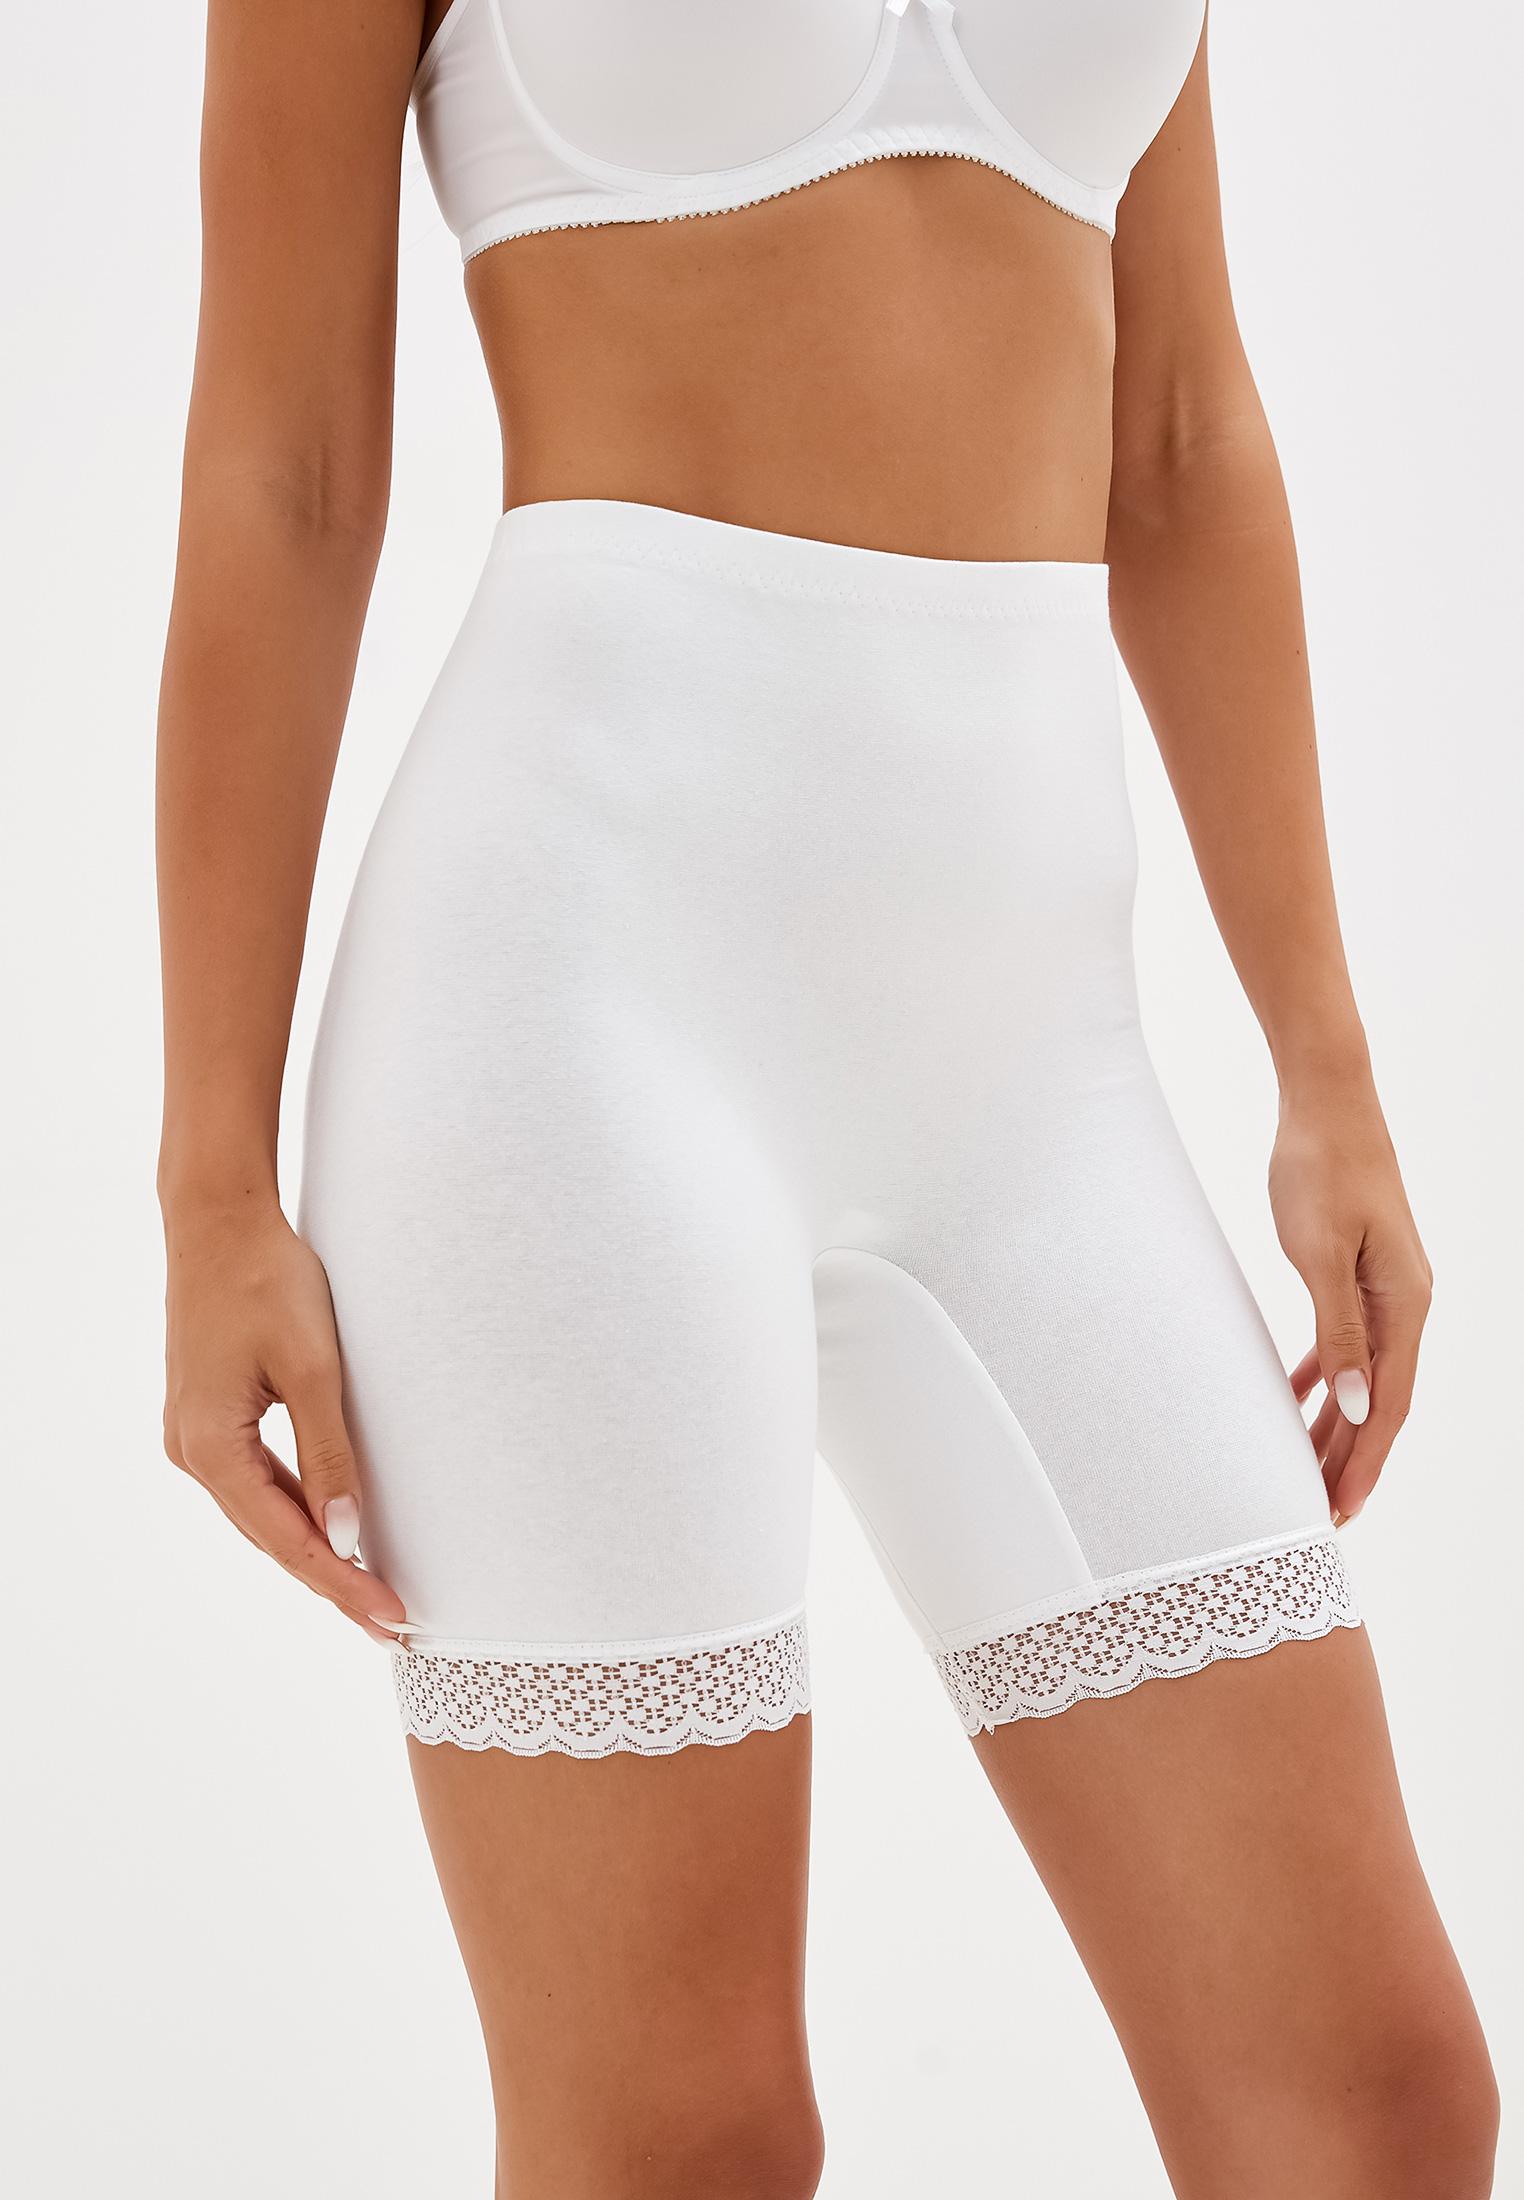 Панталоны женские НОВОЕ ВРЕМЯ T014 белые 58 RU